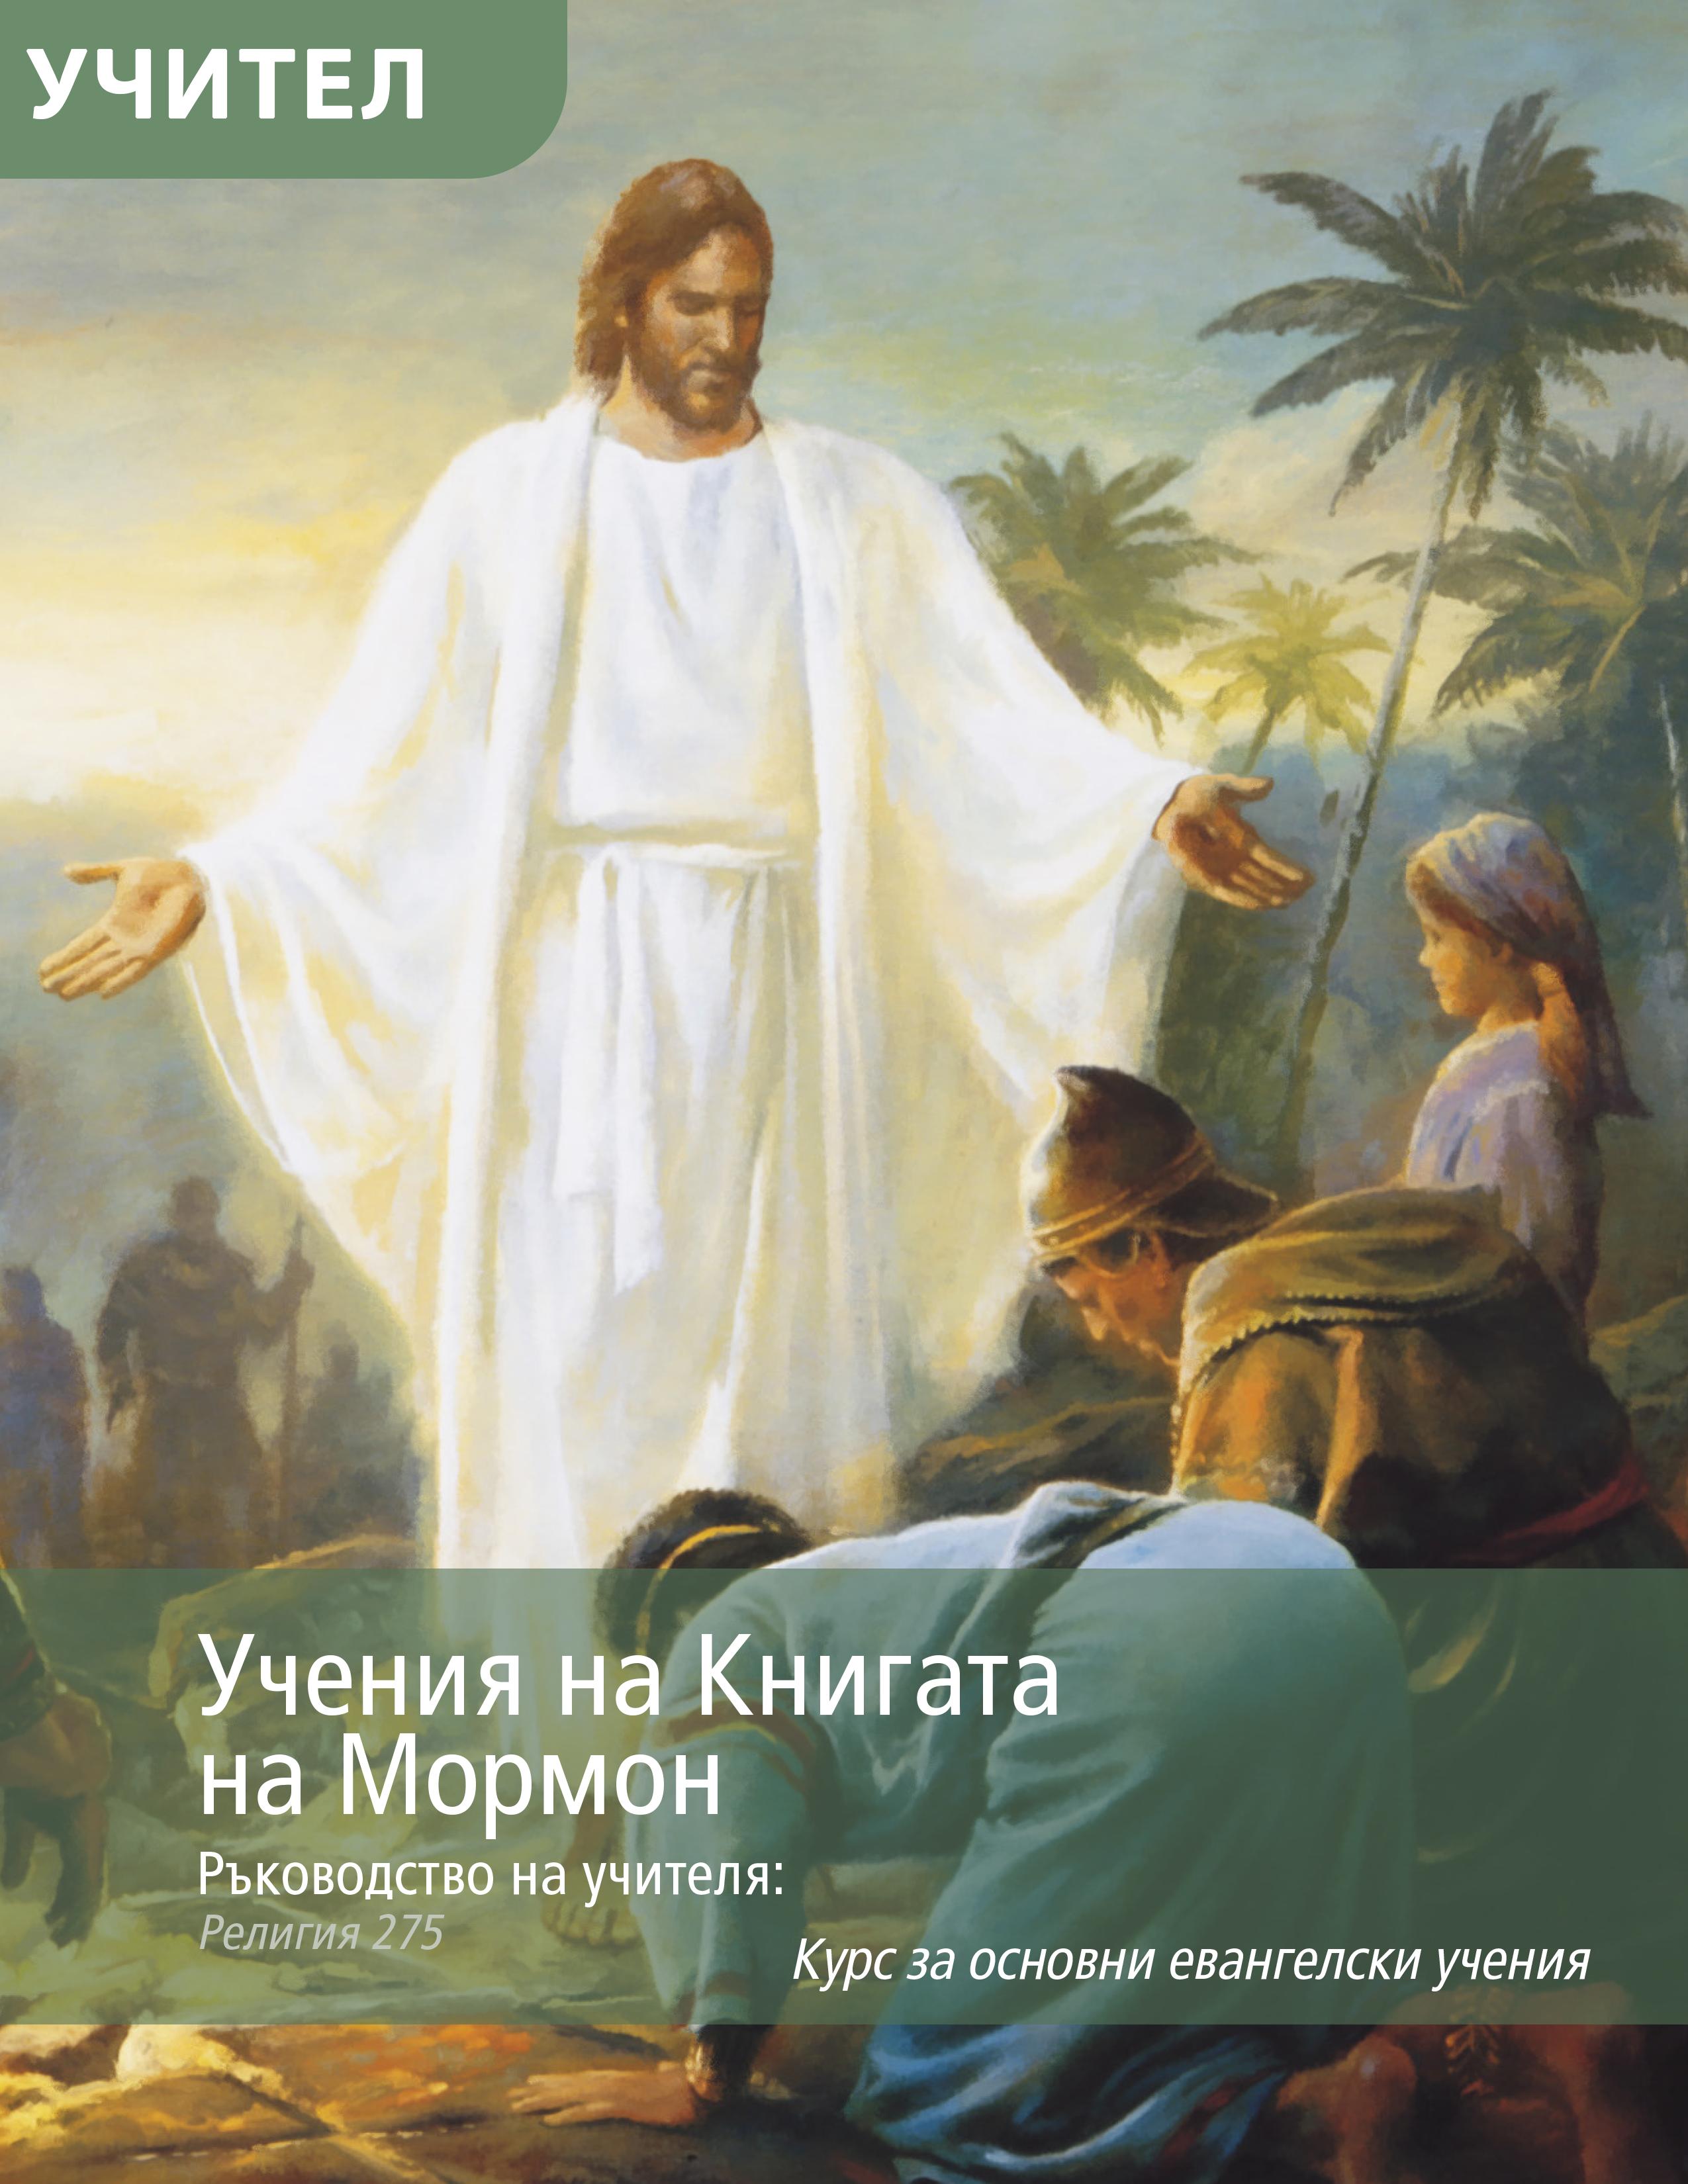 Ръководство на учителя: учения на Книгата на Мормон (Религия 275)